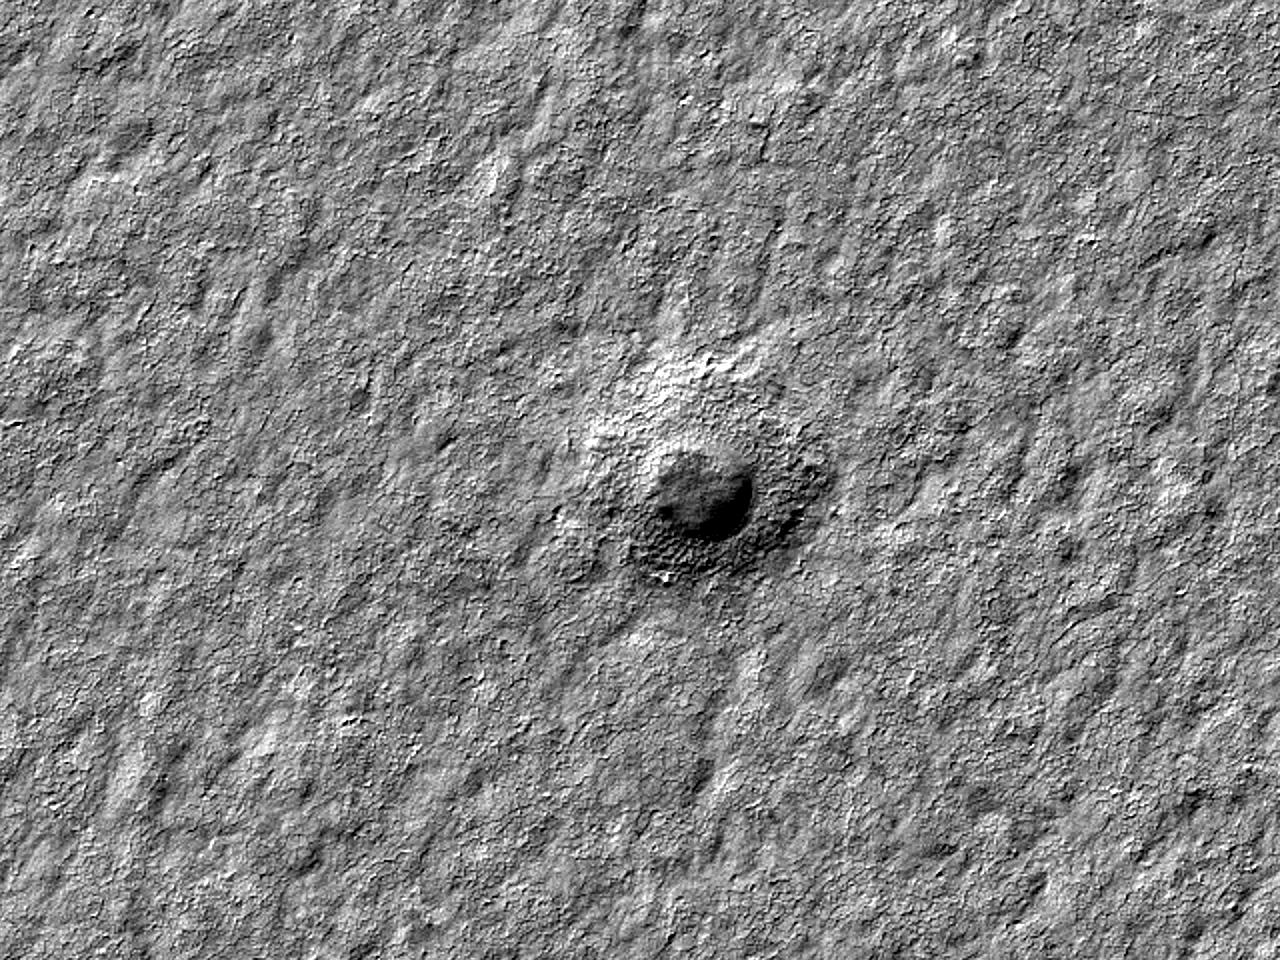 Кратер диаметром 322 метра в слоистых отложениях Южного полюса